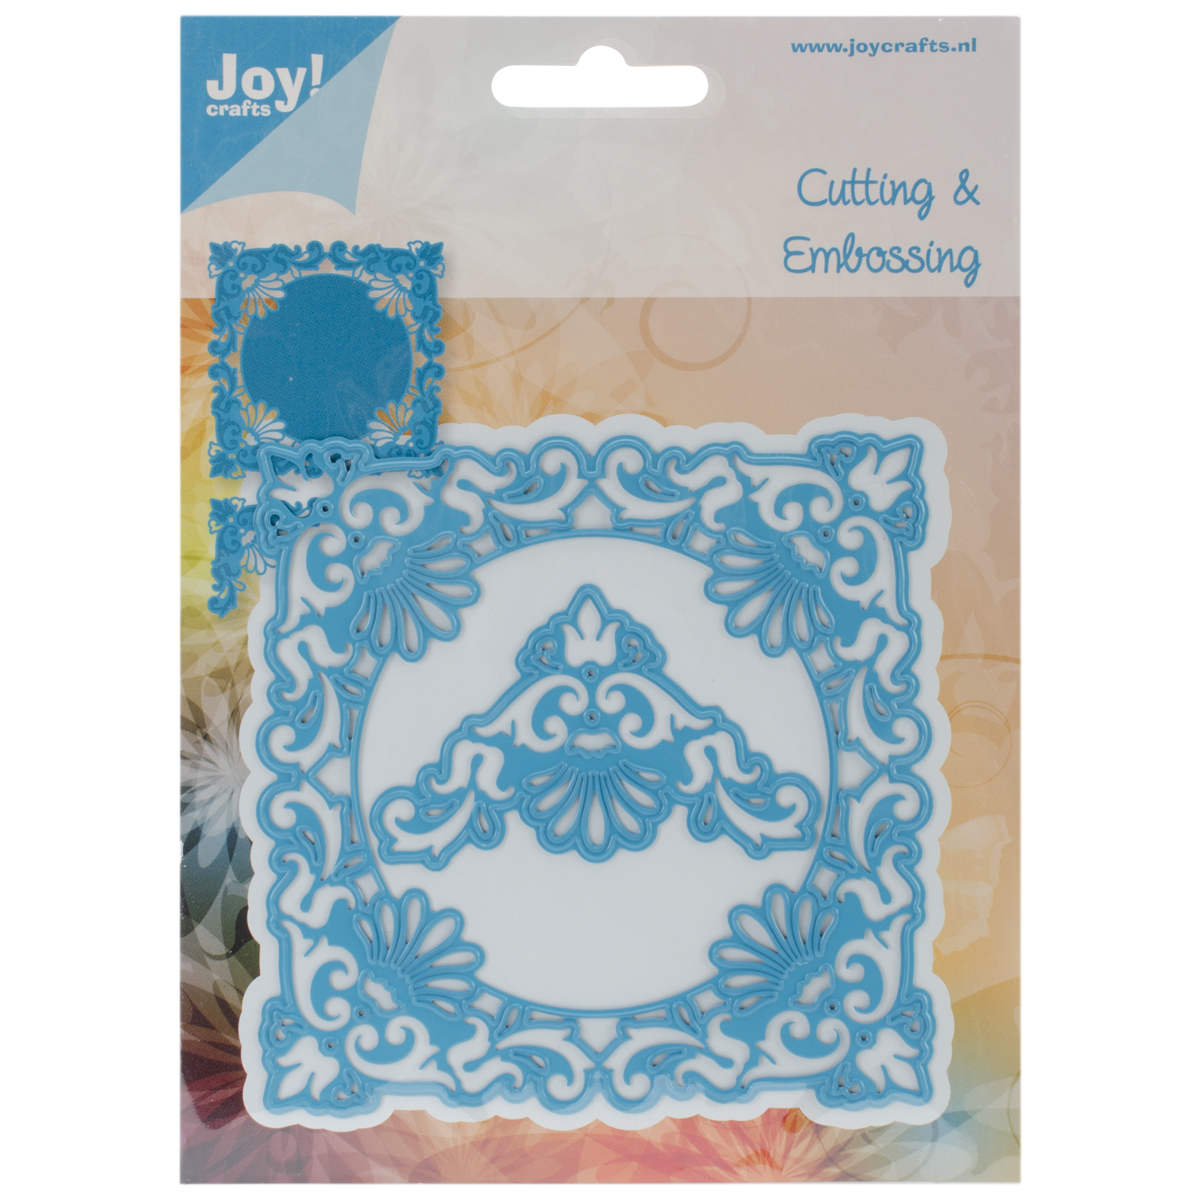 """Joy! Crafts Cut & Emboss Die-Ornate 4""""X4"""" Frame & Delicate 2"""" Corners"""